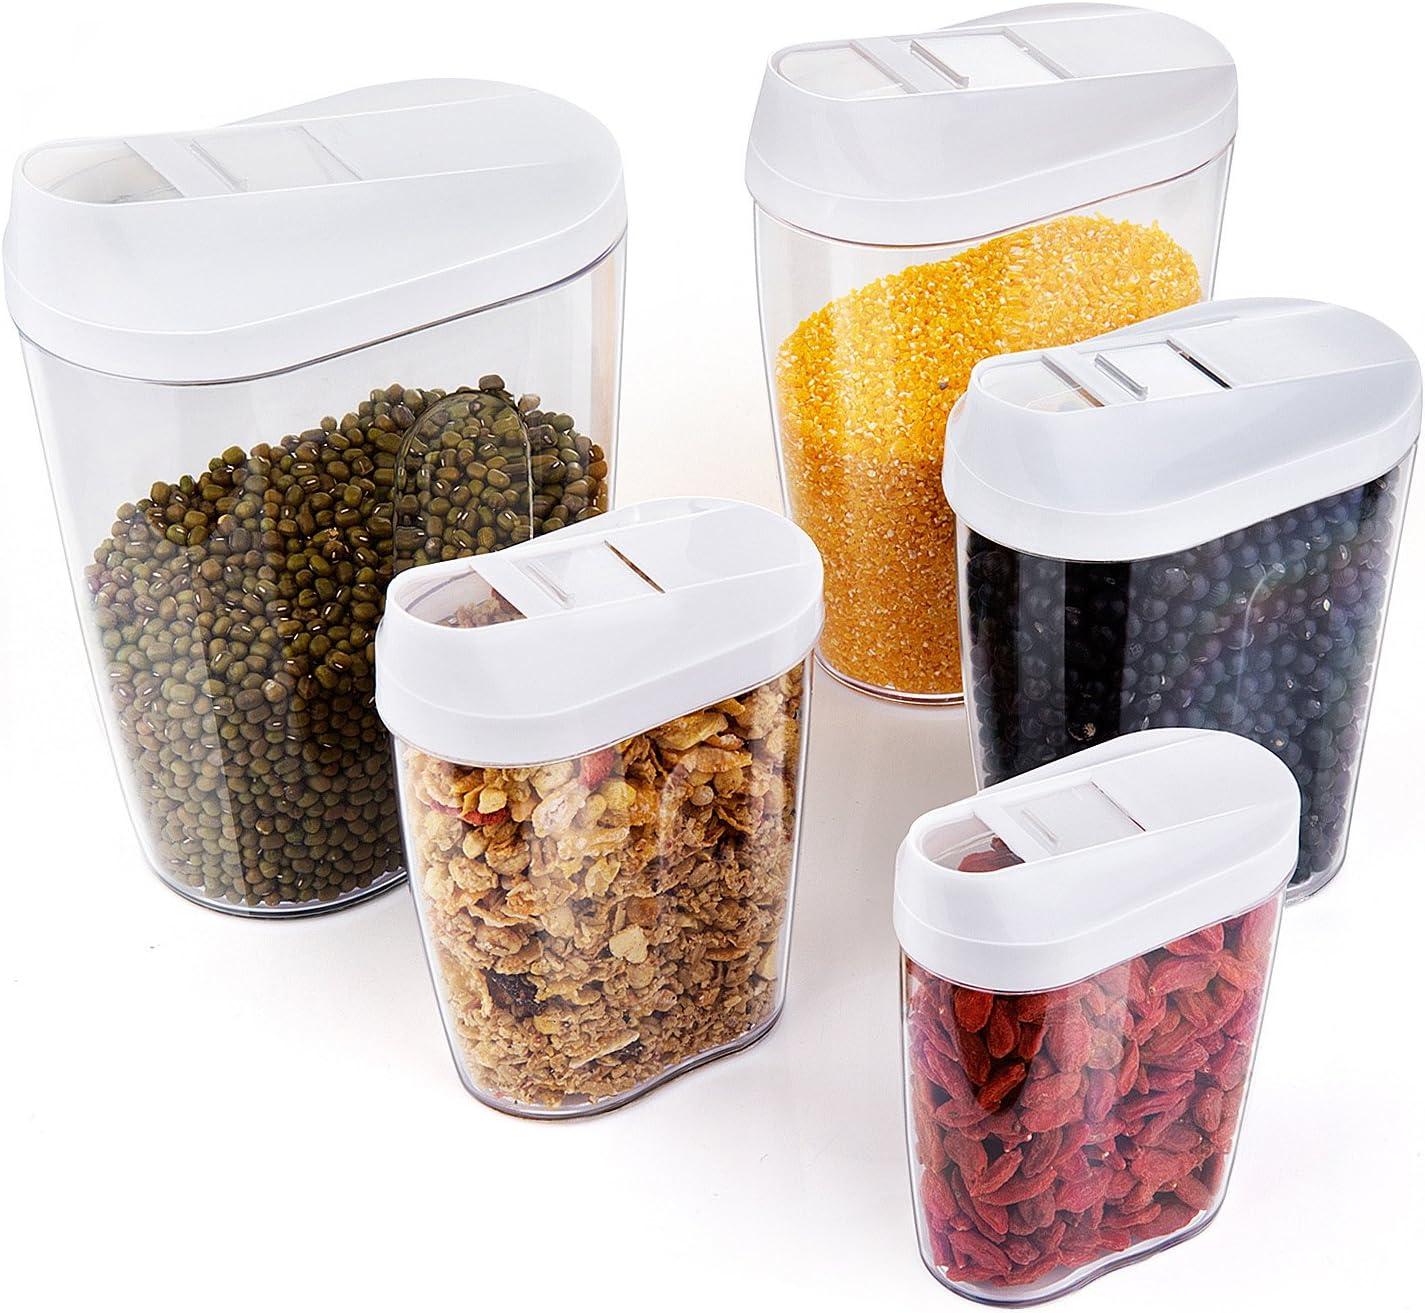 ZWOOS Plástico de Alimentos Secos Cereale Caja de Almacenamiento de La Cocina Dispensador de Contenedores con Tapa Hermética, Set de 5